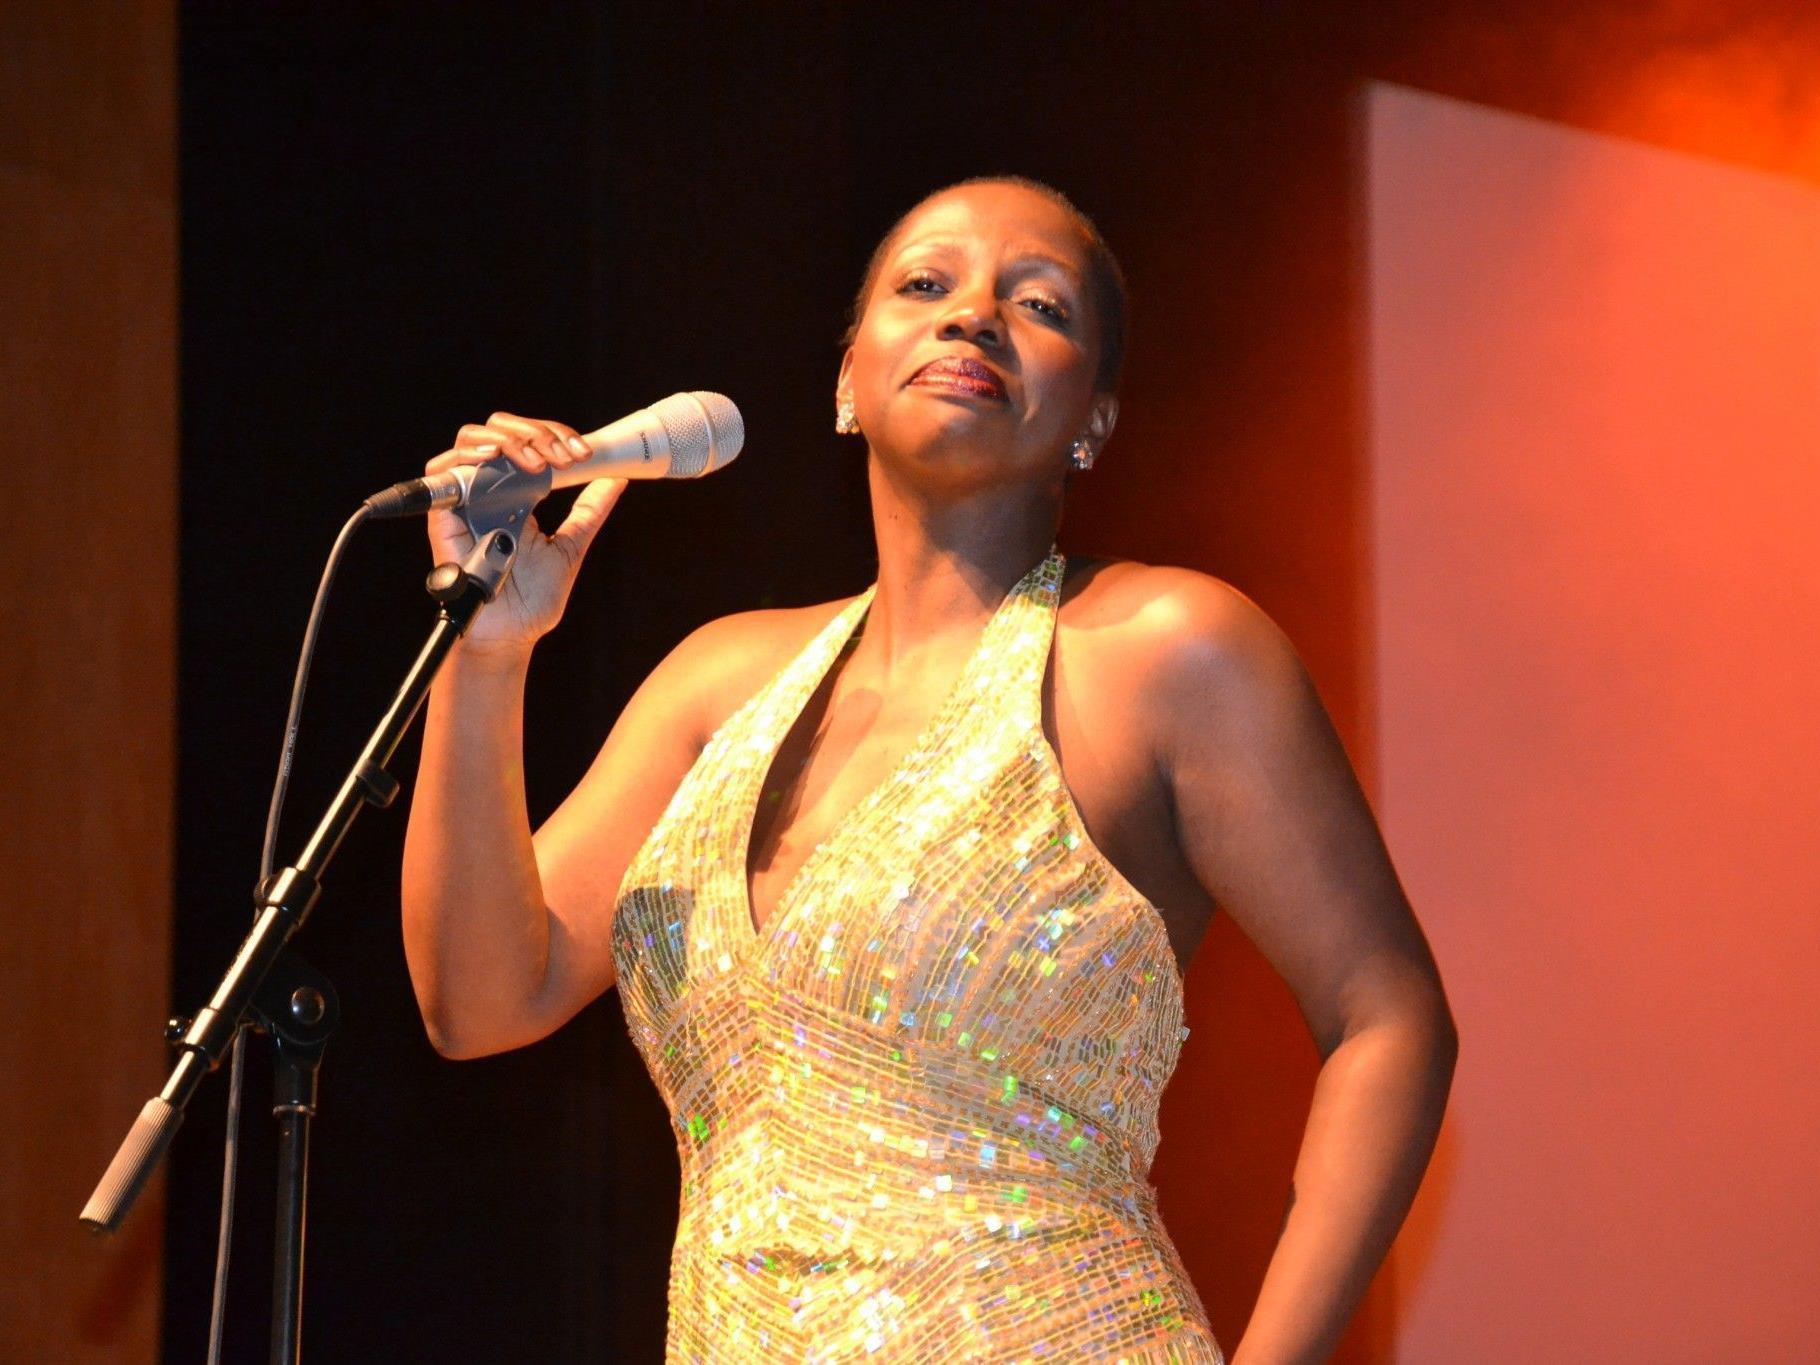 Neben einer beeindruckenden Leistung der Bürgermusik faszinierte Rachelle Jeanty die Konzertbesucher